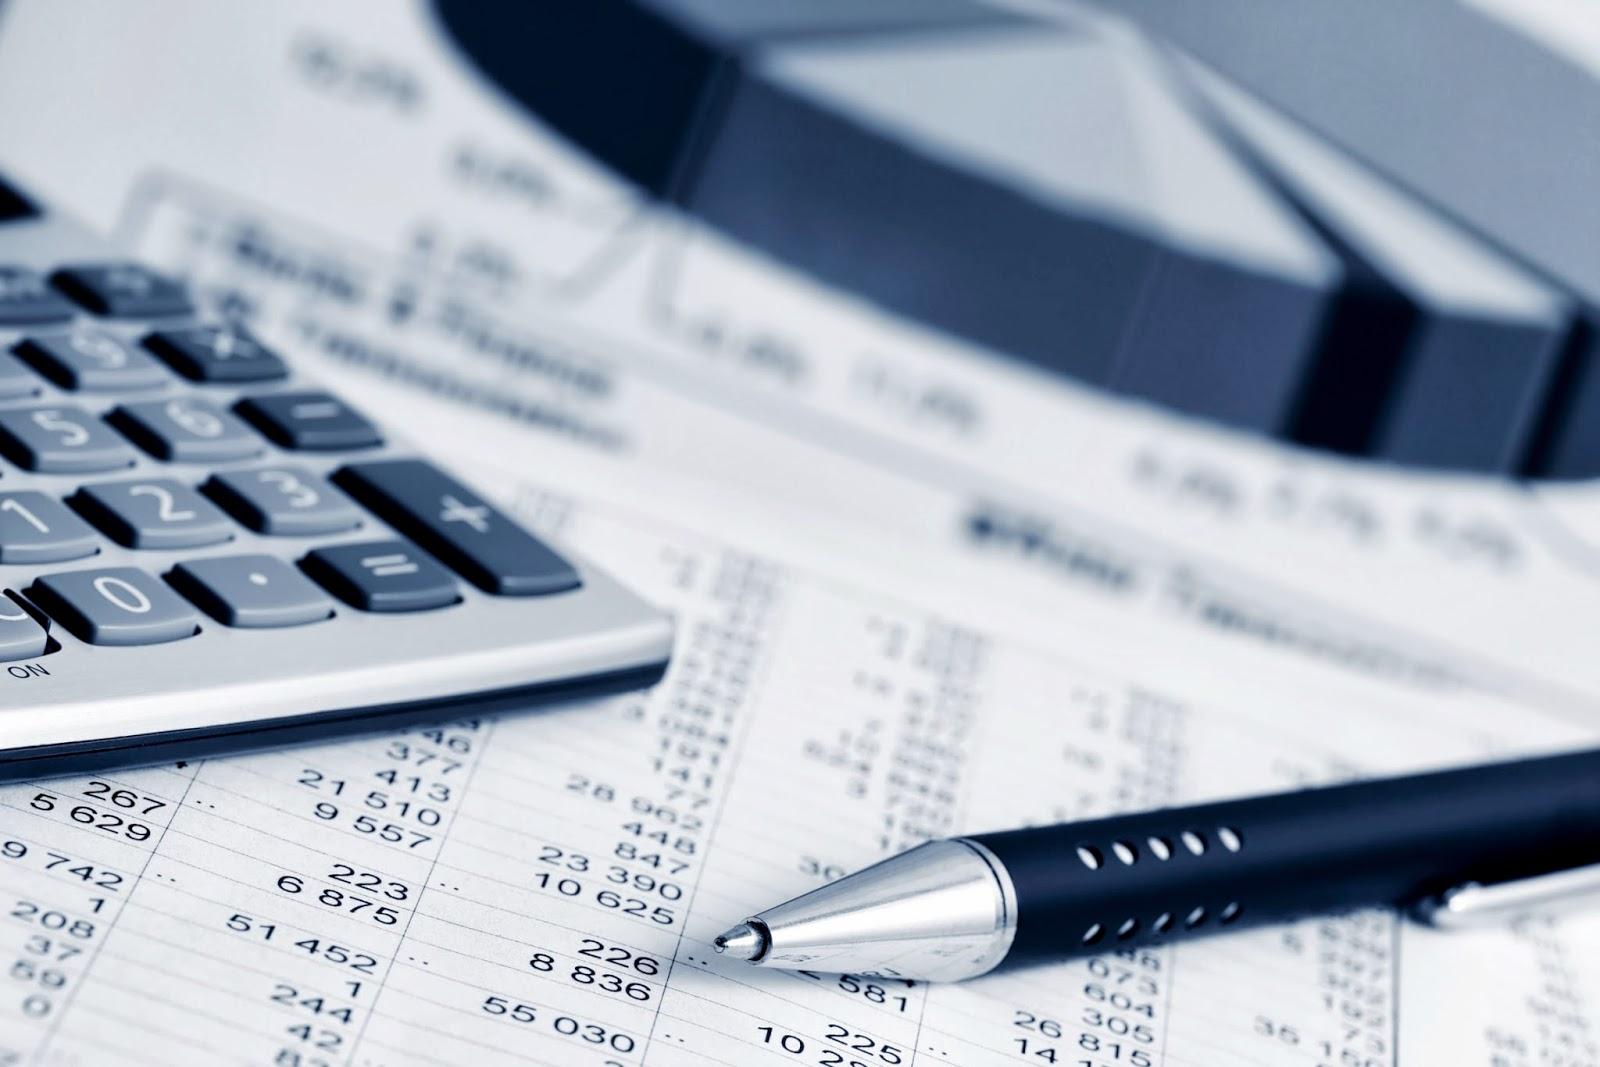 Chính phủ ban hành quy chế quản lý tài chính của EVN